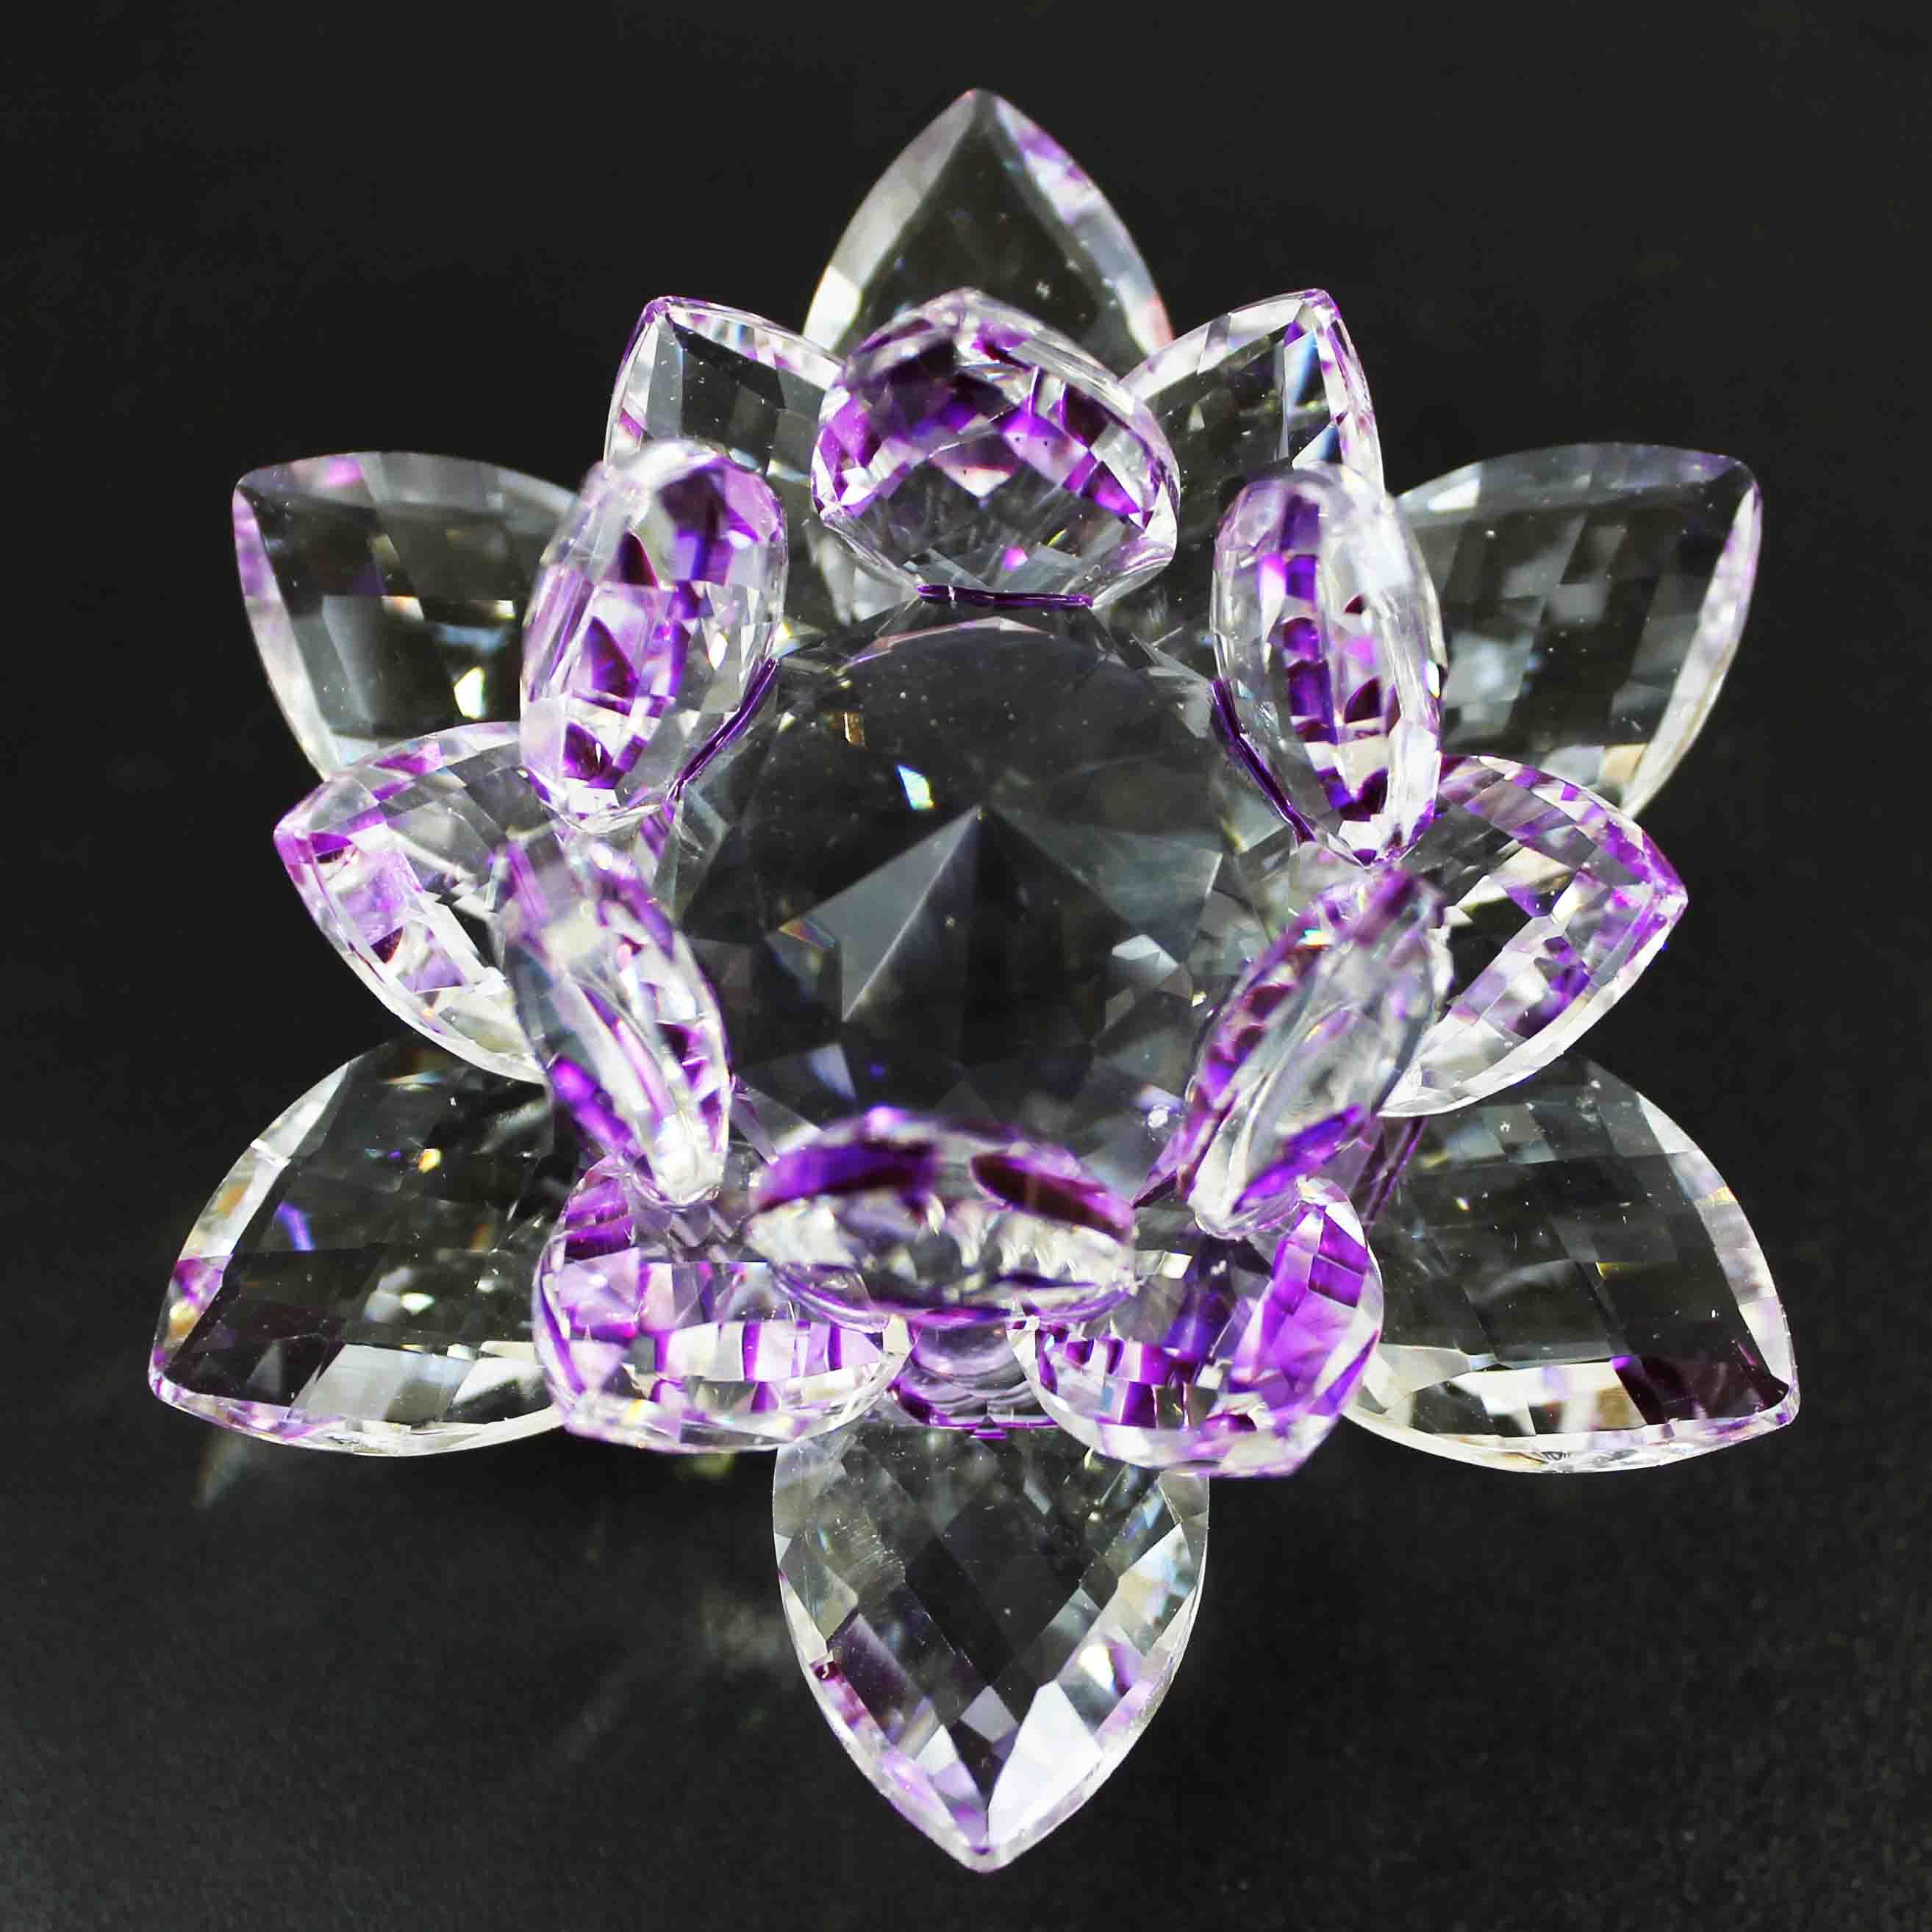 クリスタルガラス蓮花台 パープルカラー 大サイズ  品番: 10155